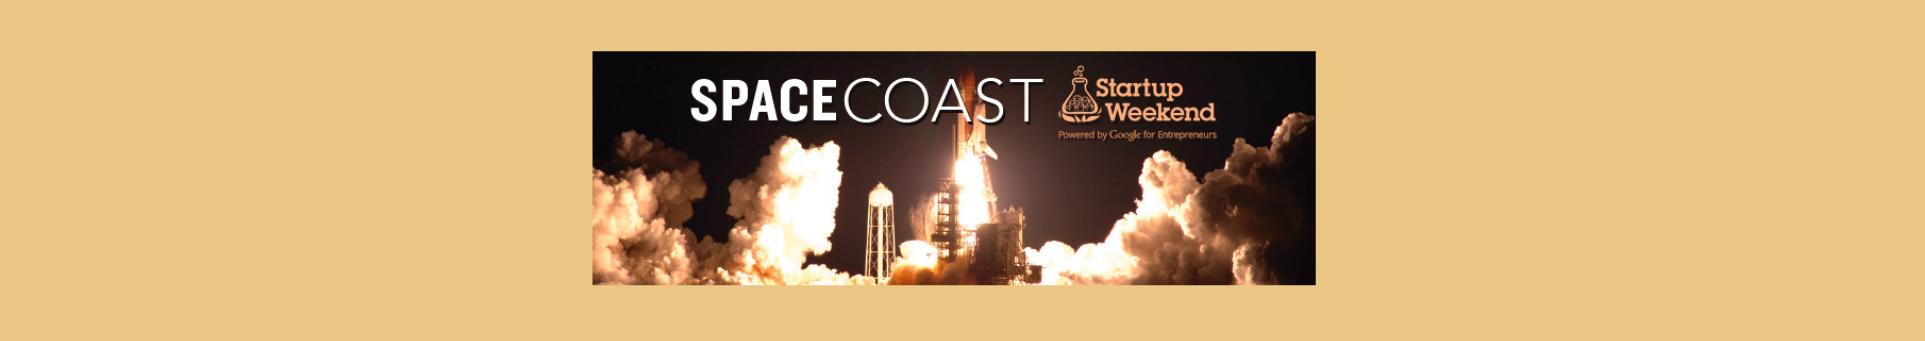 Startup Weekend Space Coast